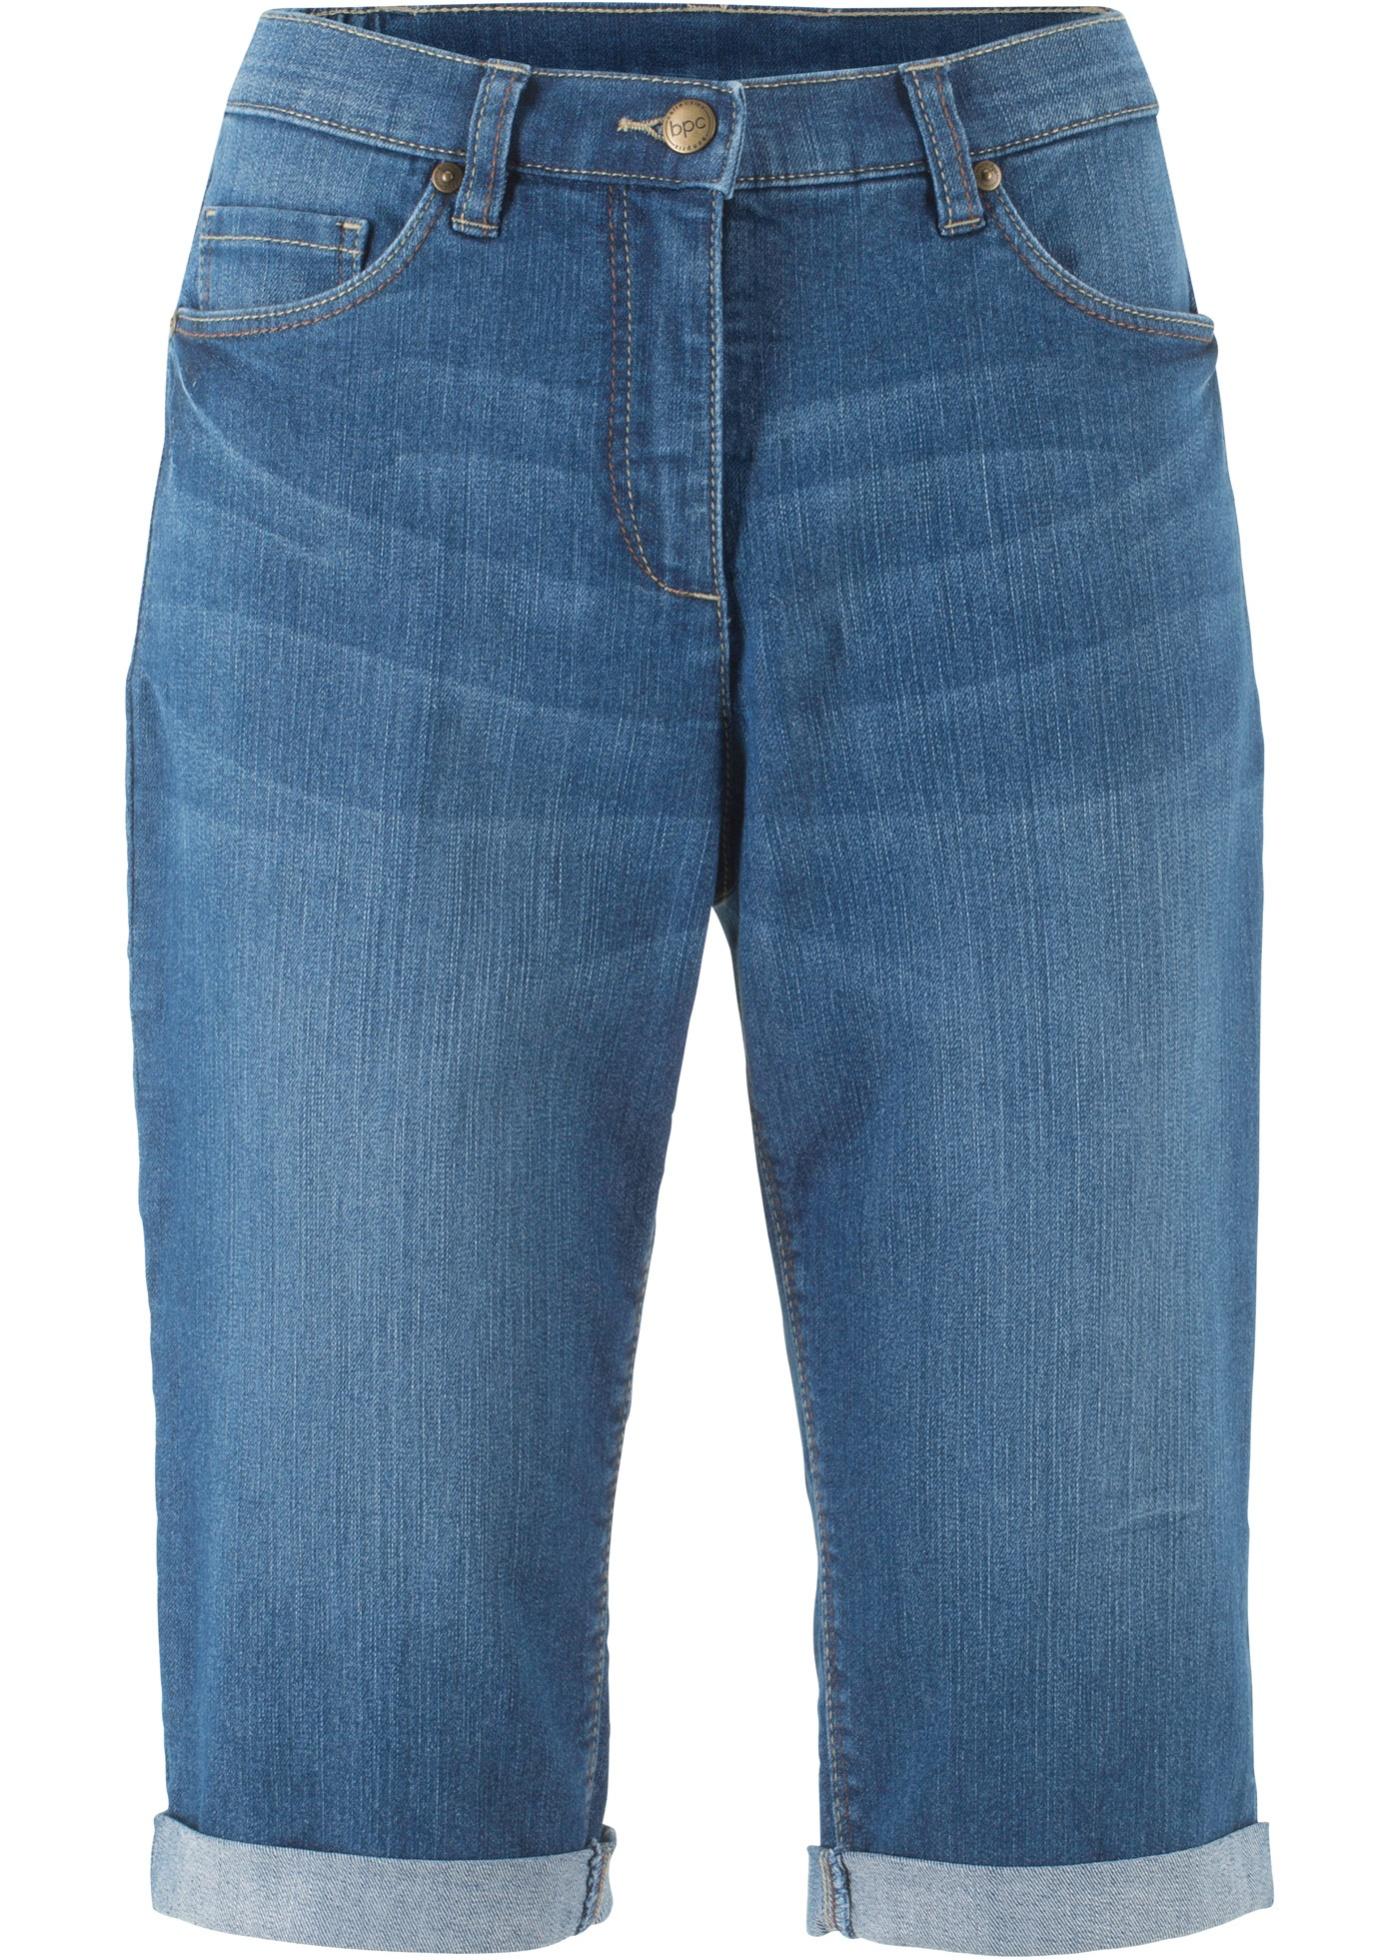 Stretch-Jeans-Bermuda mit Komfortbund